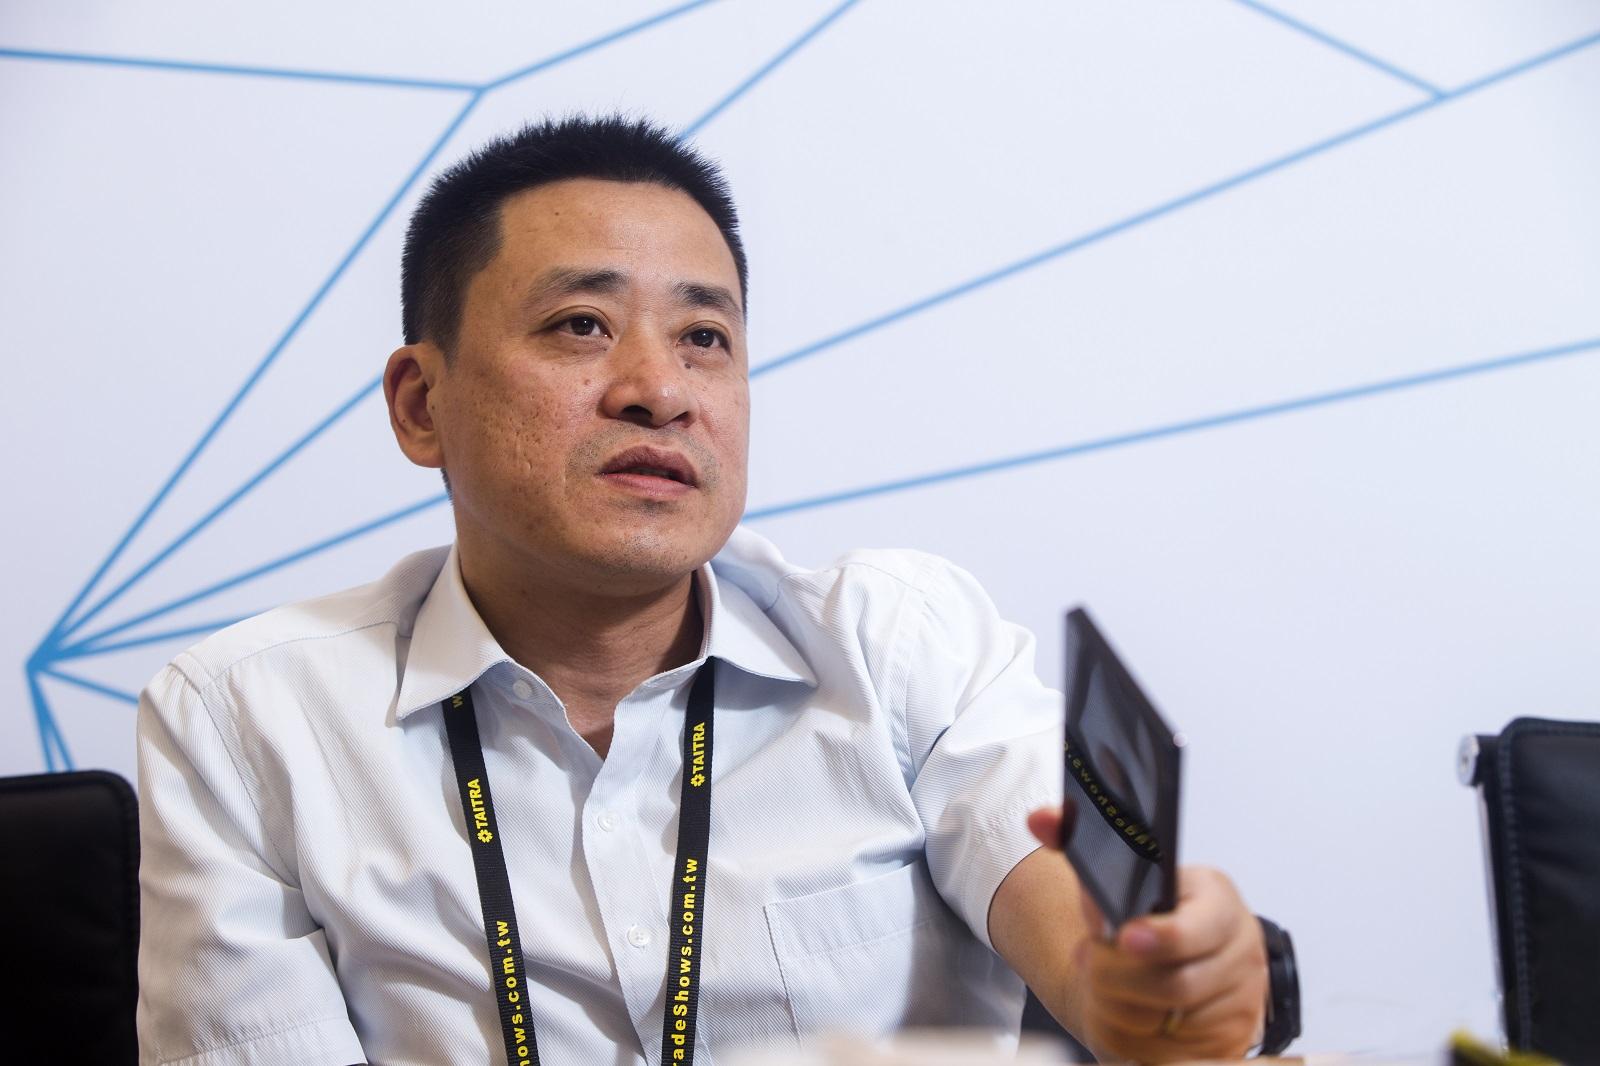 再創「聯發科傳奇」?中國IC設計第一股「匯頂科技」 市值破千億人民幣